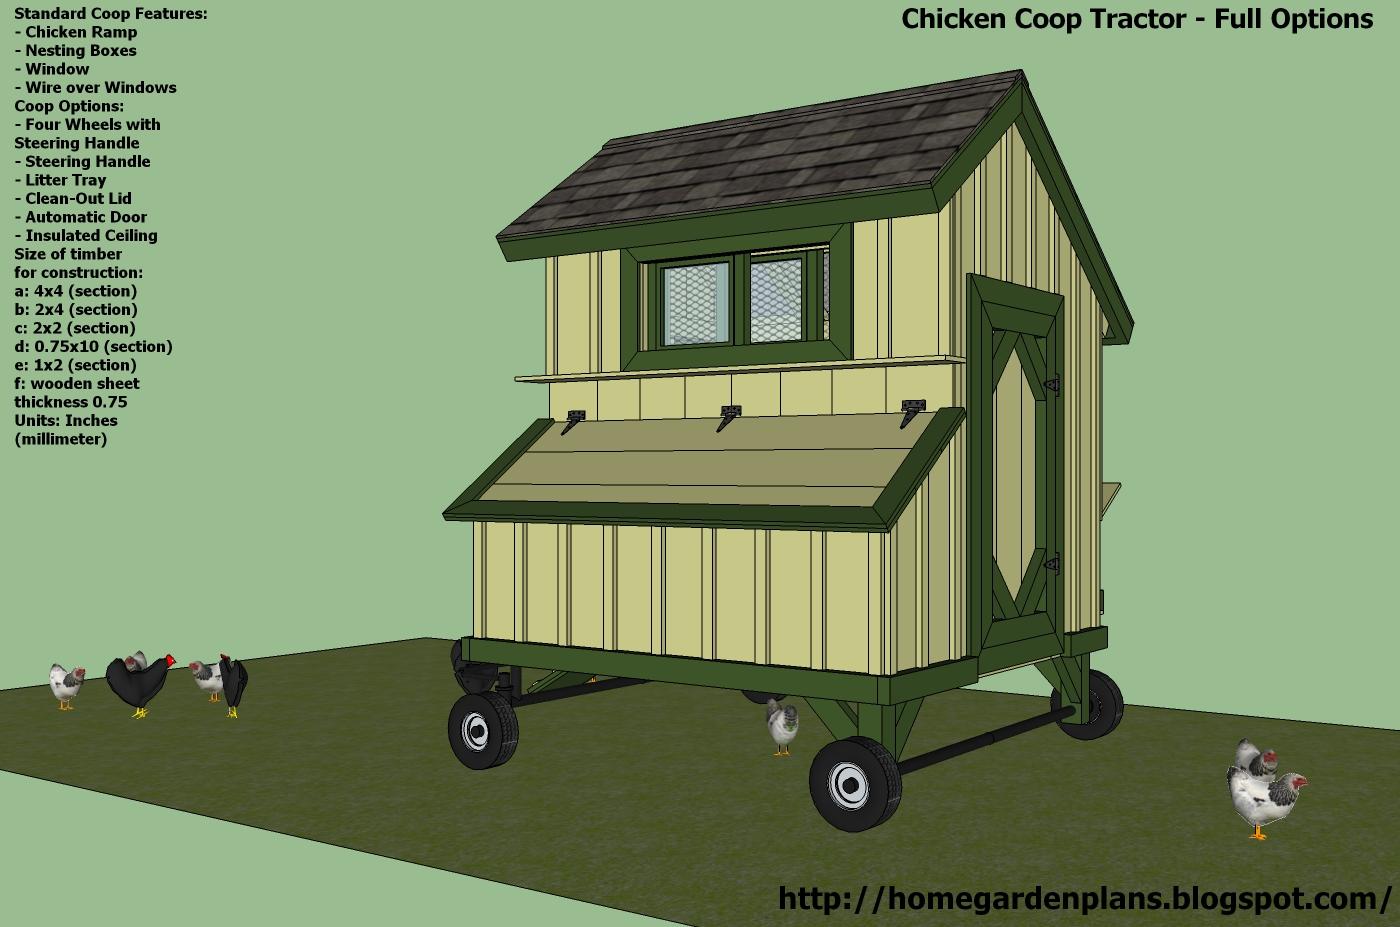 Chicken Coop To Build Popular Modern Chicken Coop Design Plans